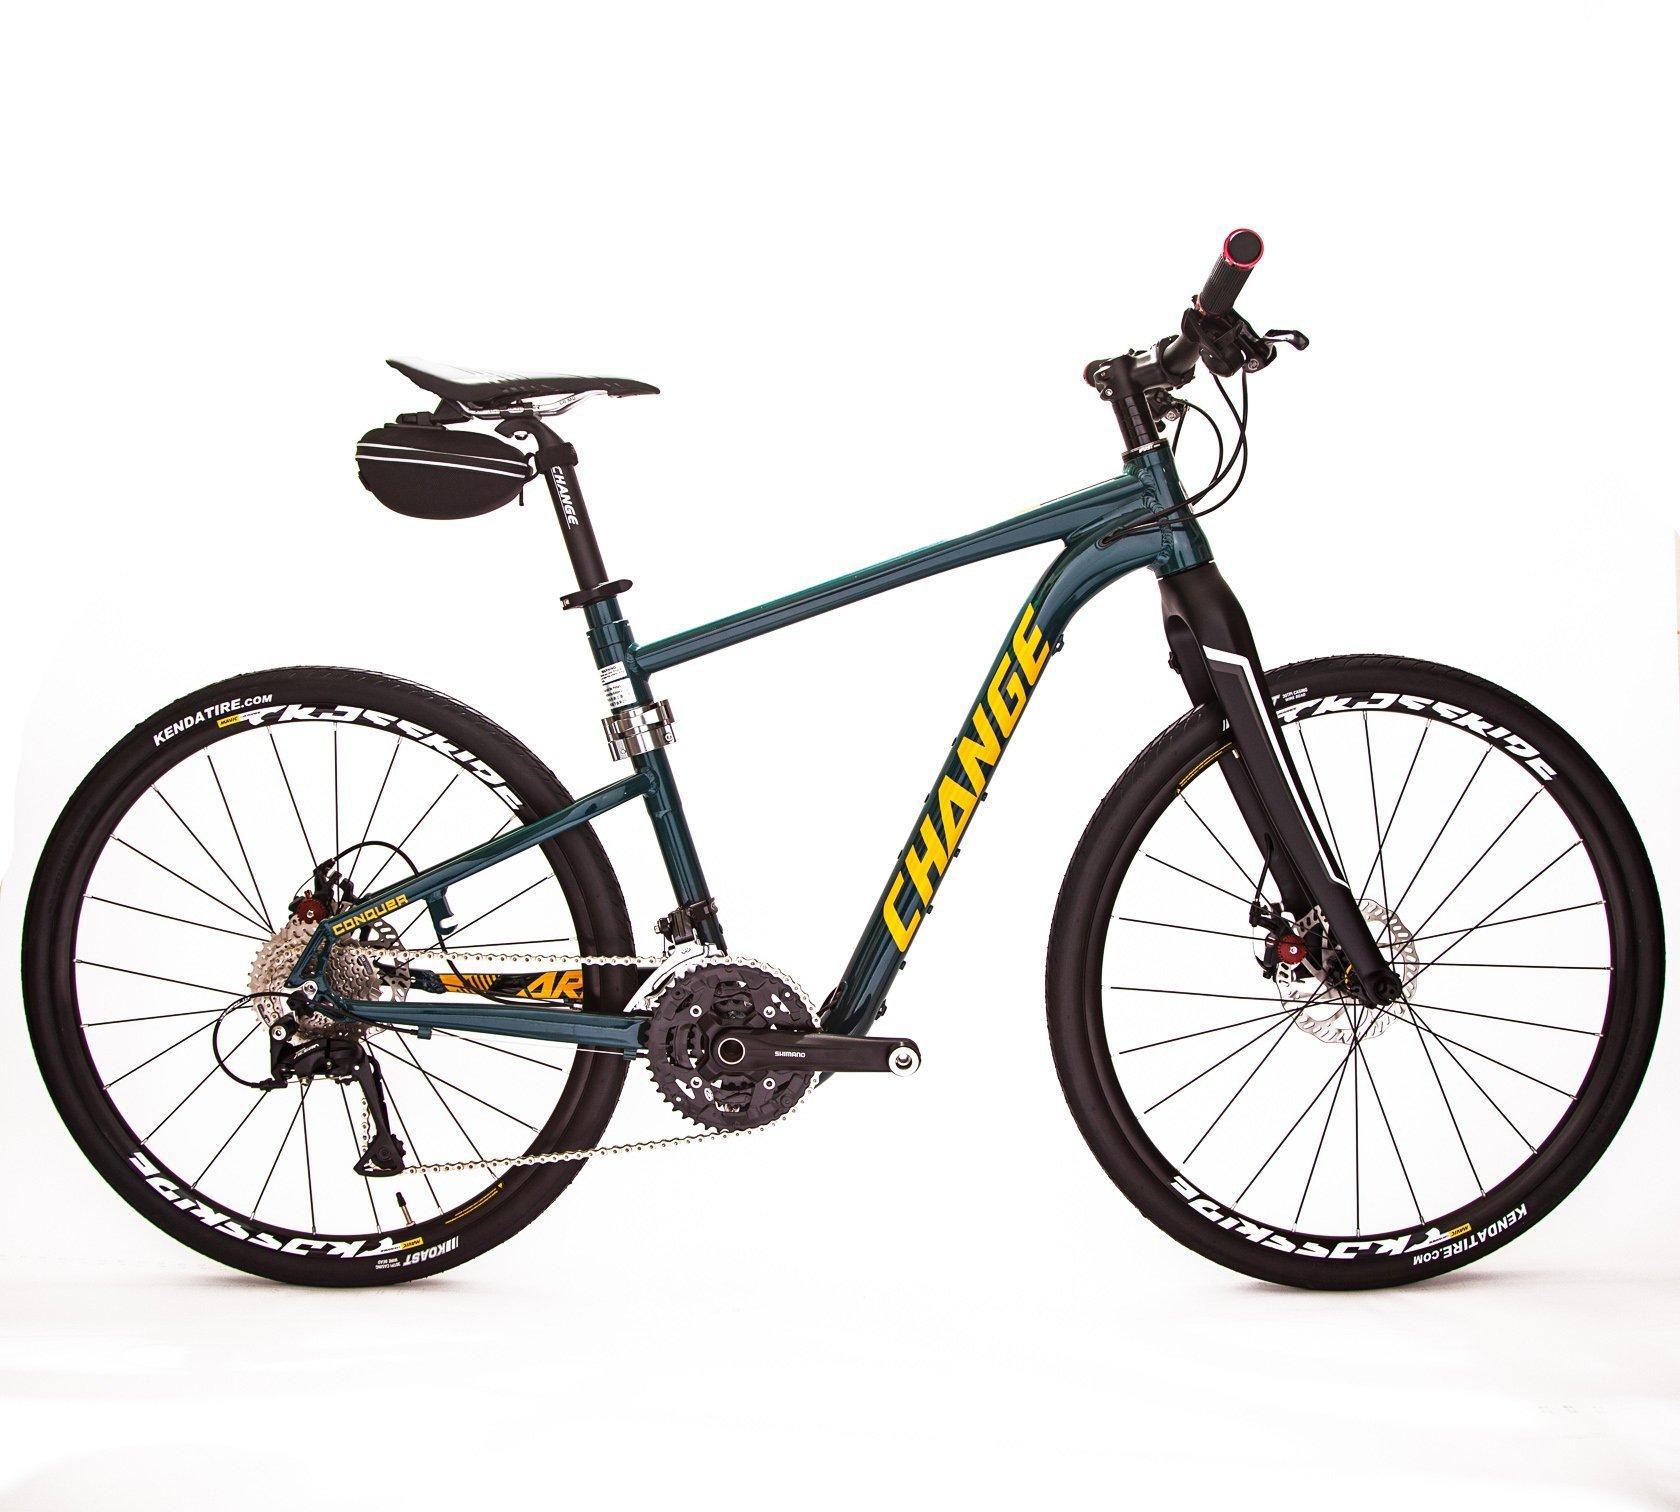 Rugged foldable hybrid bike